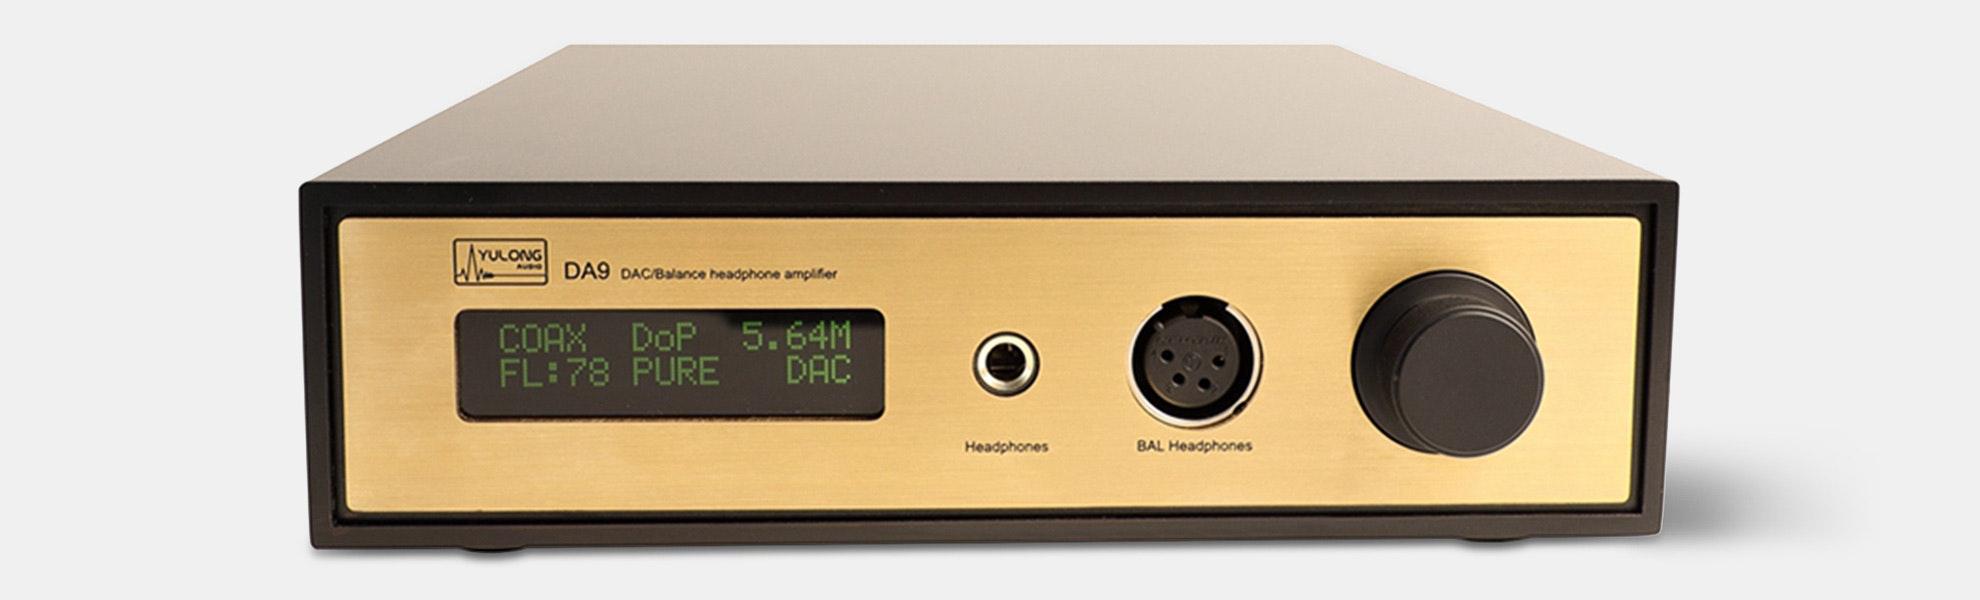 Yulong DA9 Balanced DAC/Amp